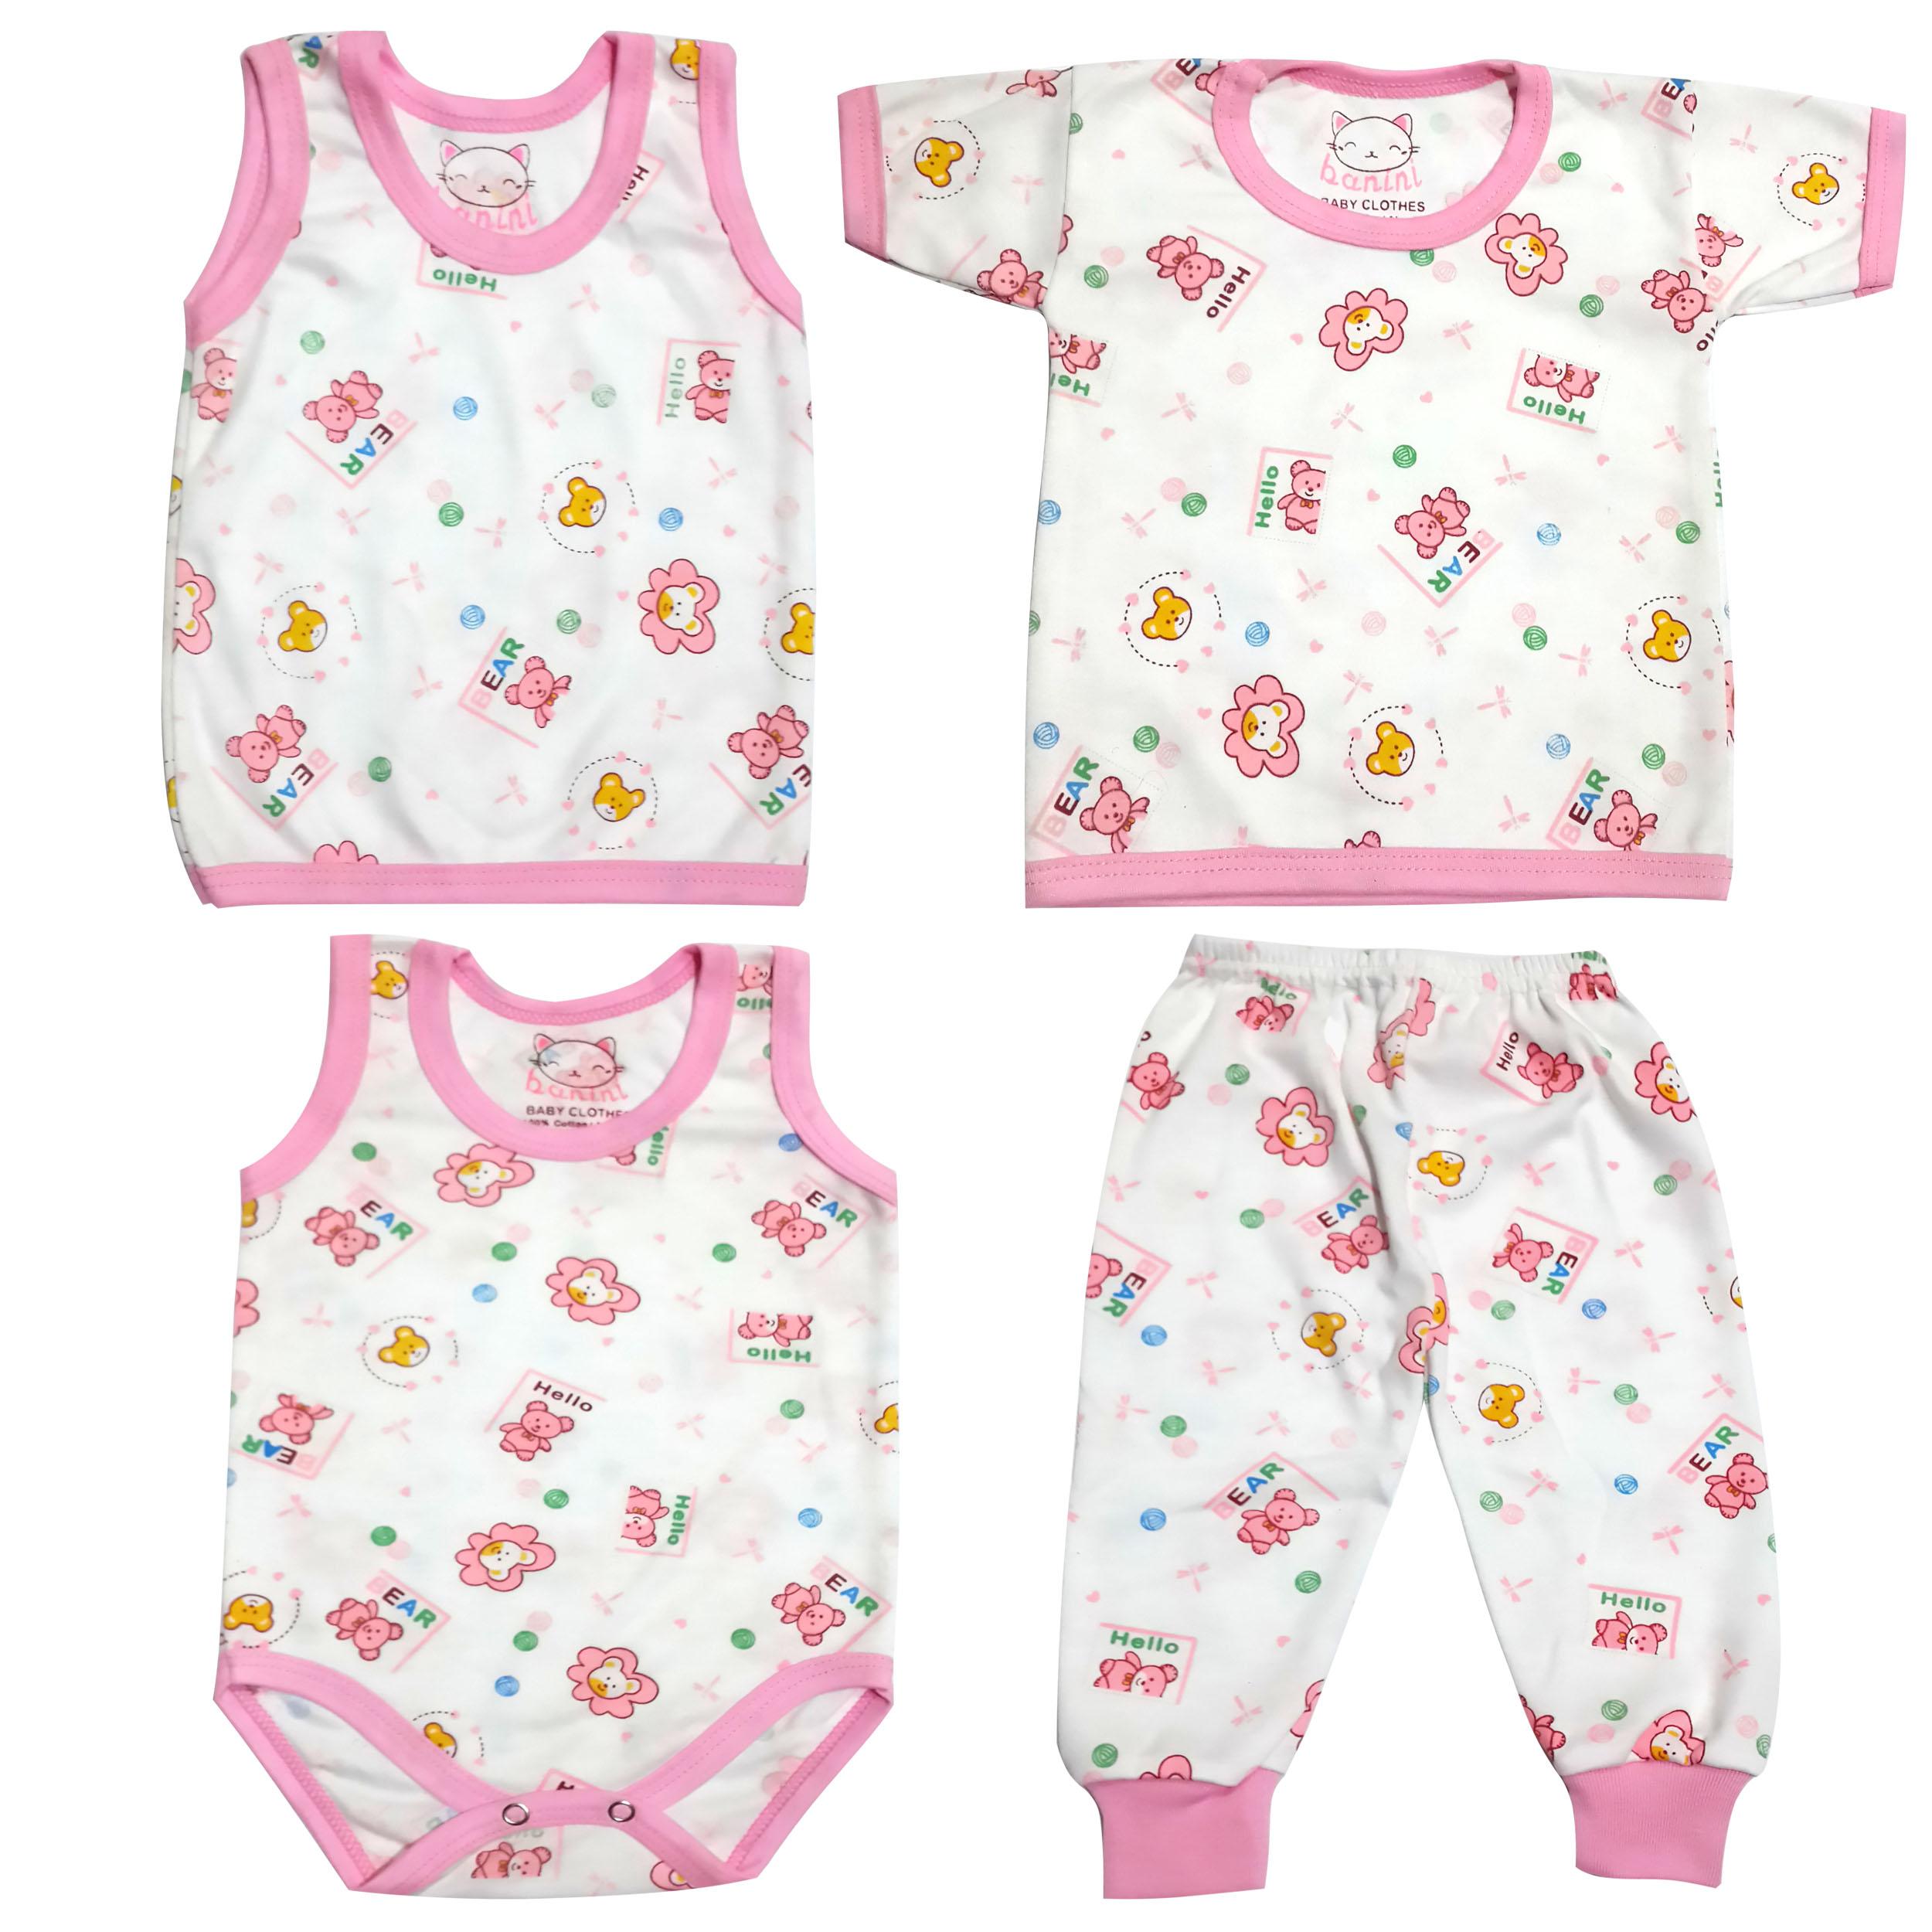 ست 4 تکه لباس نوزادی کد q111 رنگ صورتی -  - 2